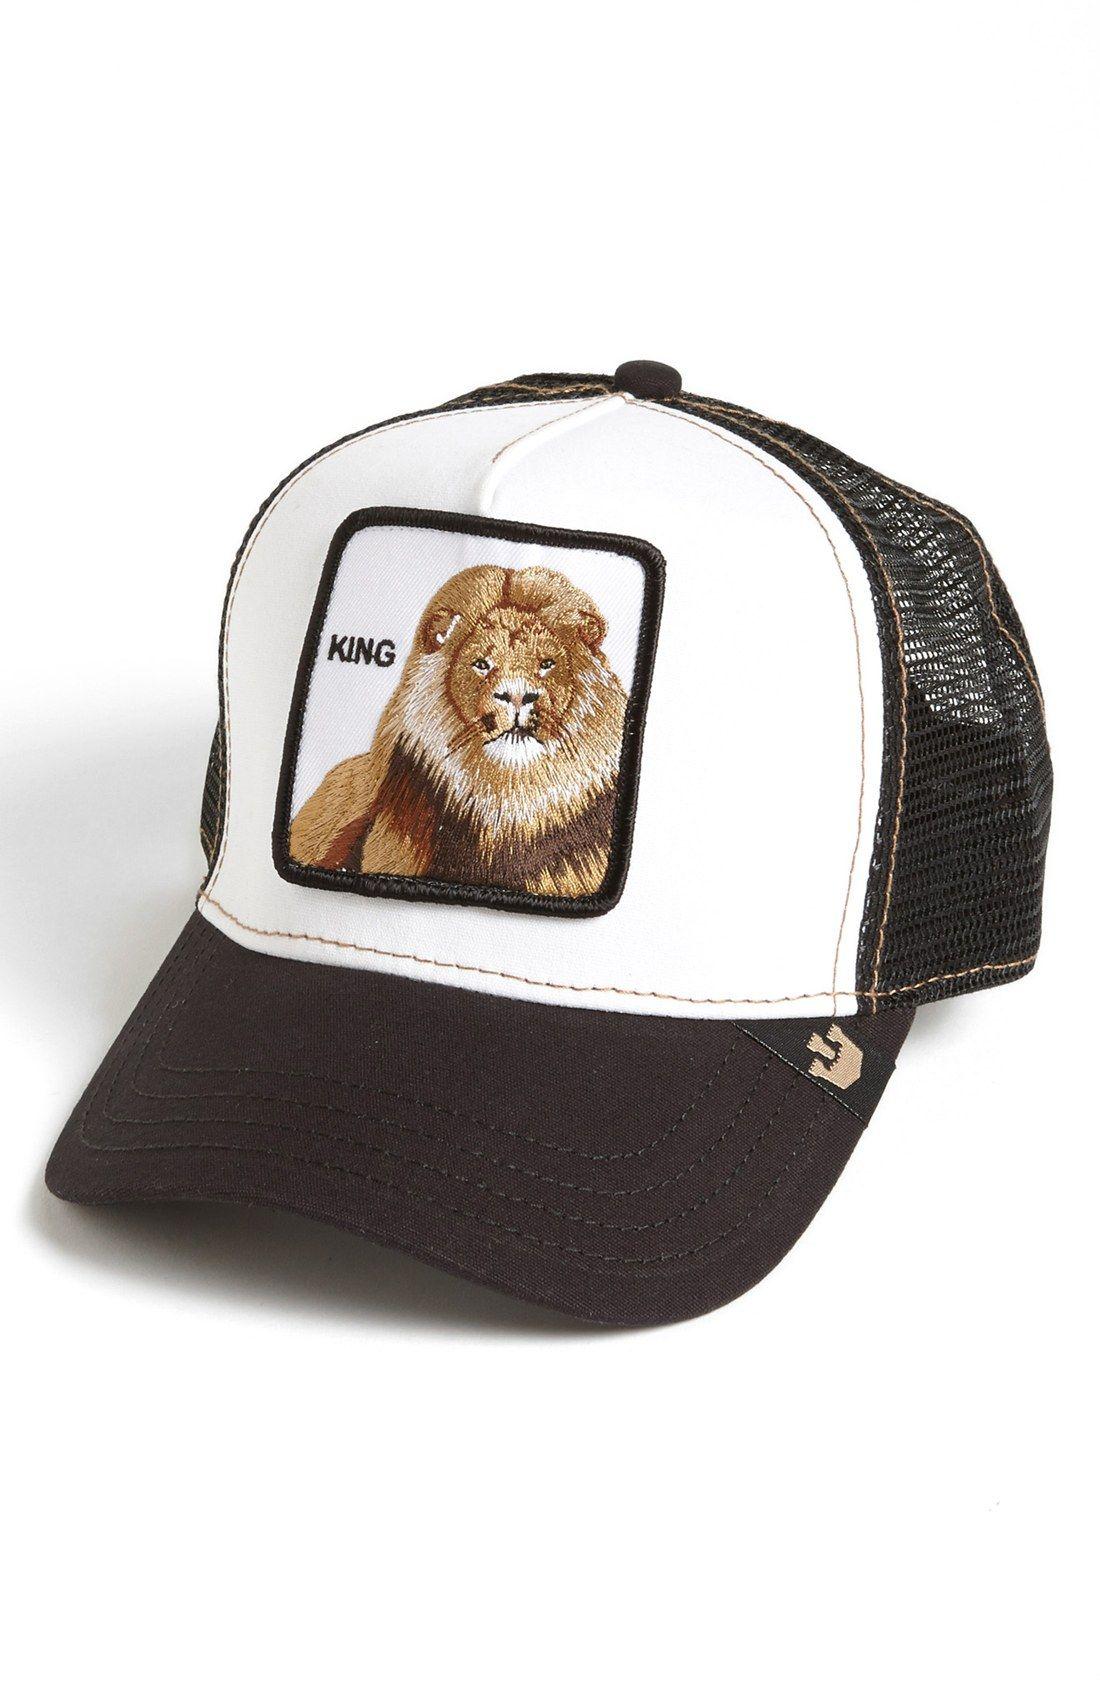 6055672bb3a Goorin Brothers  Animal Farm - King  Trucker Hat